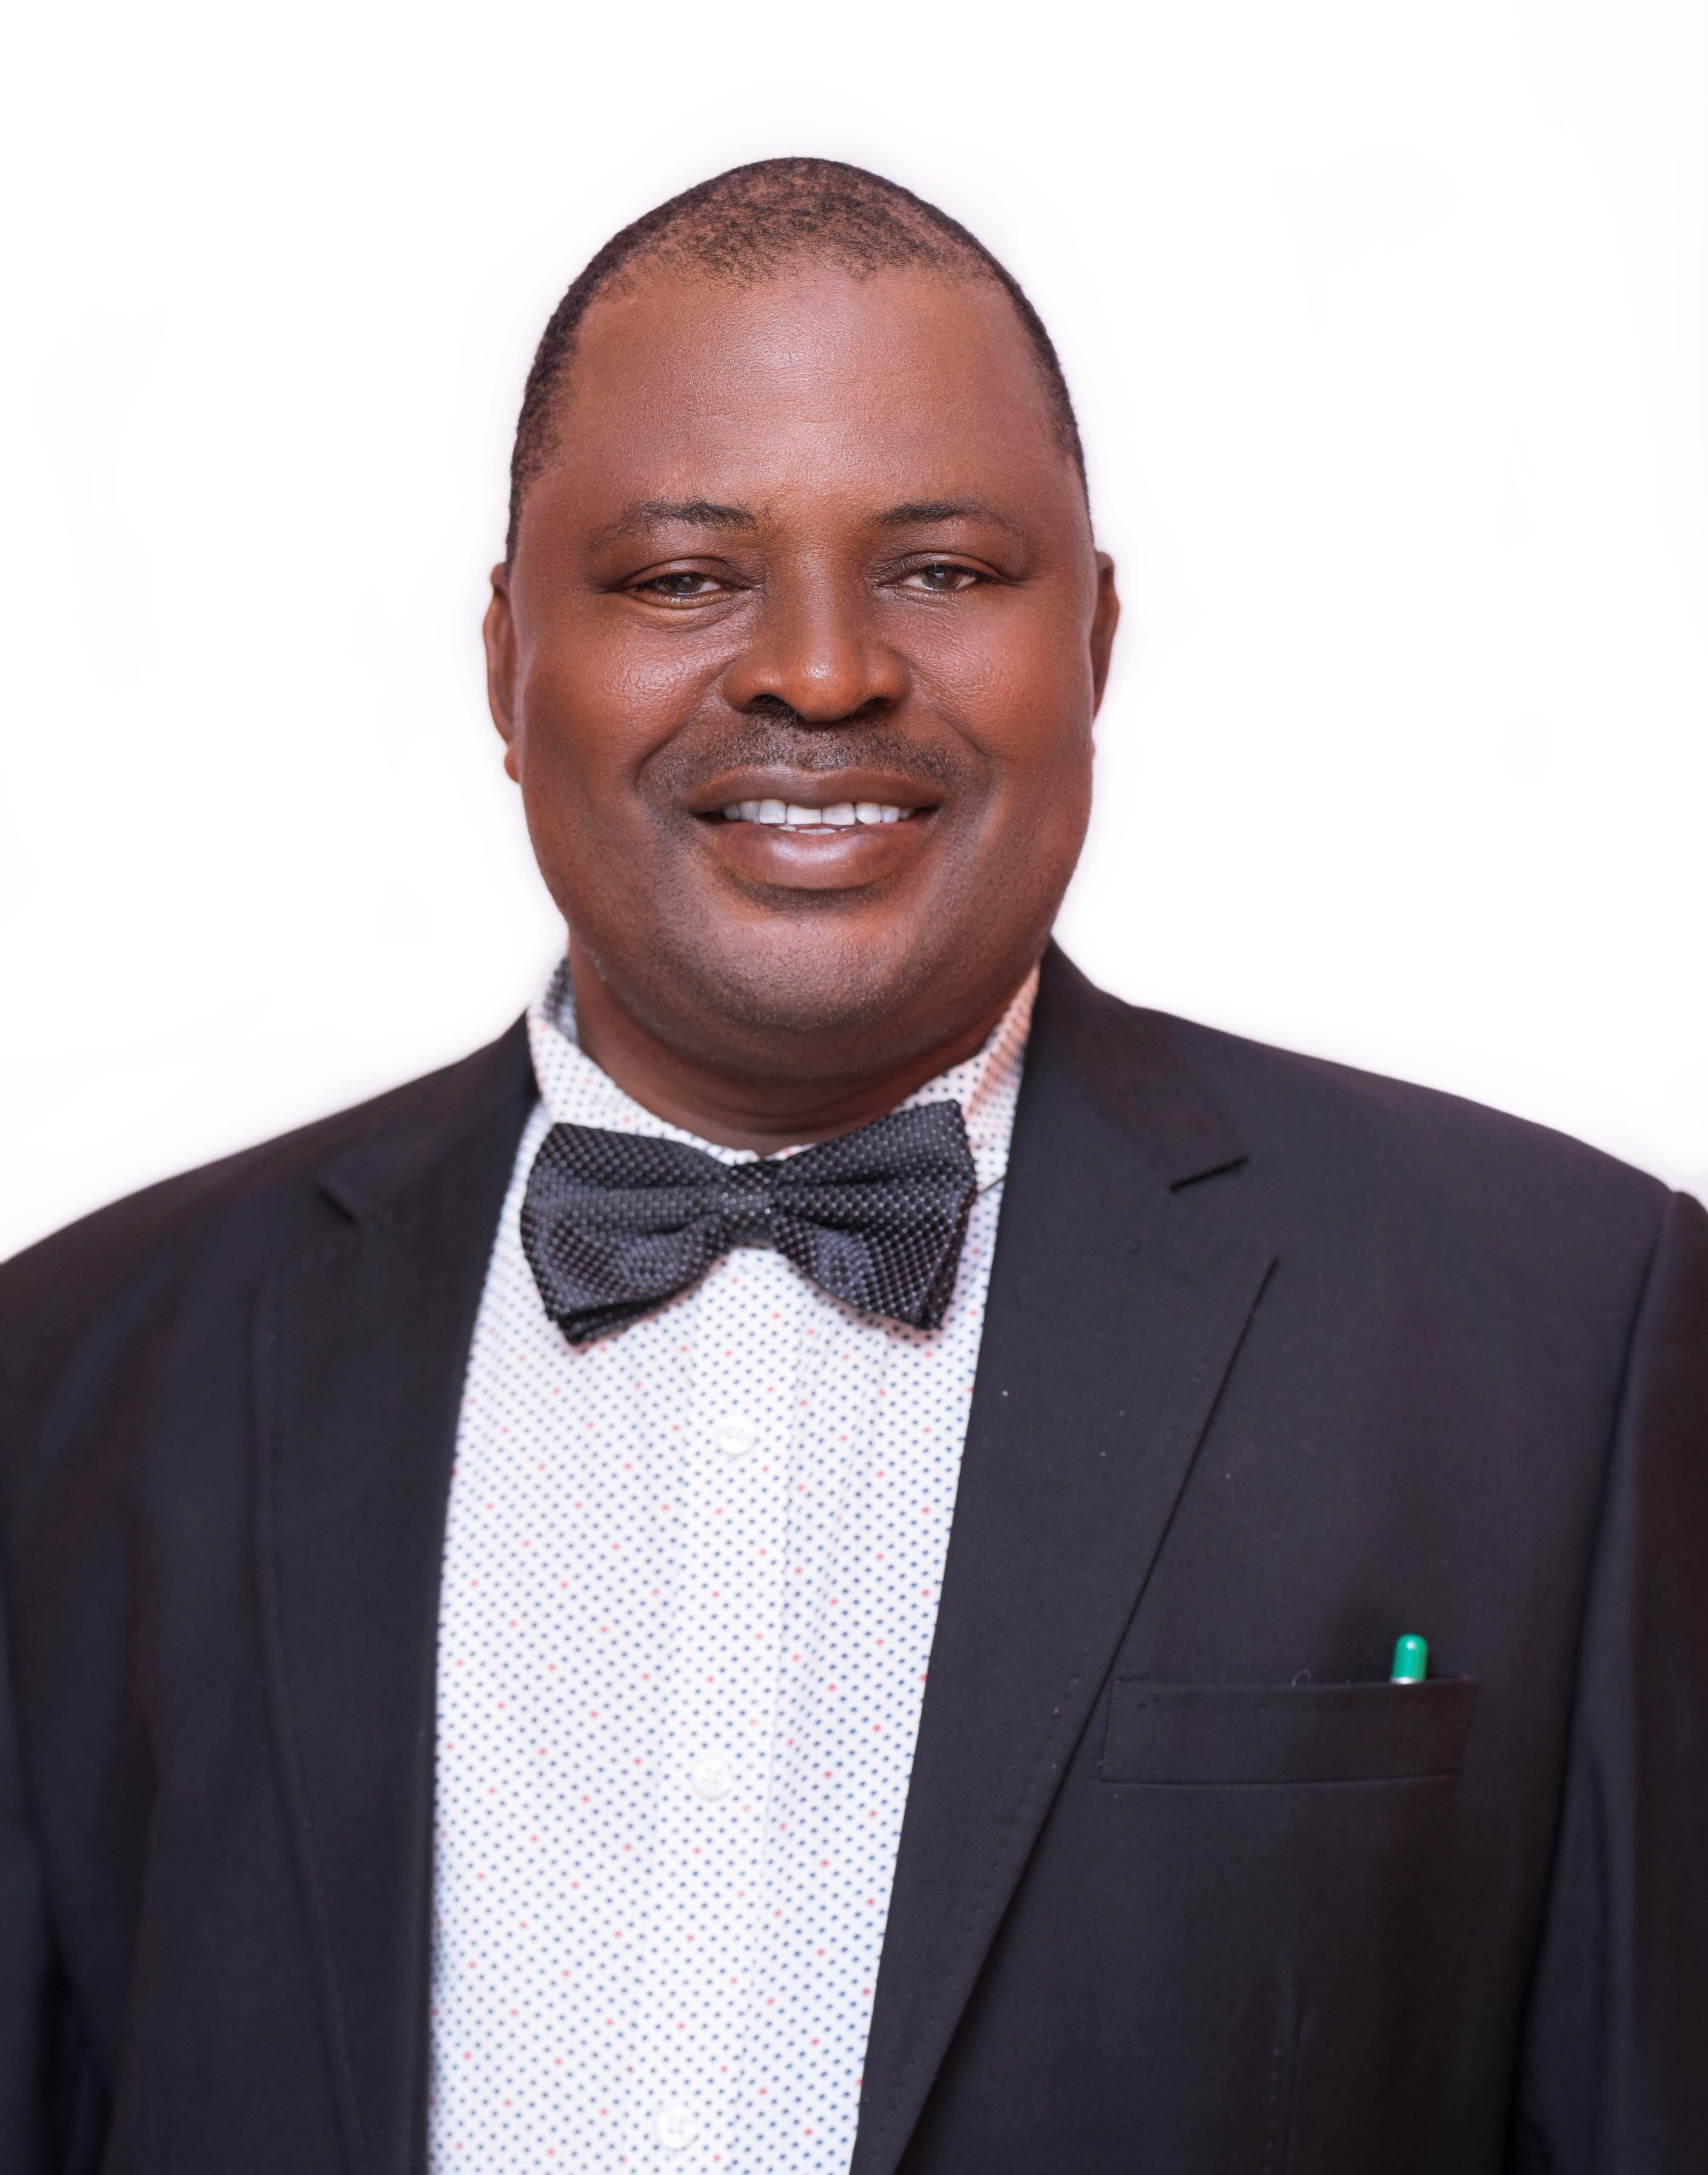 Hon Samuel Olatunji fabiyi